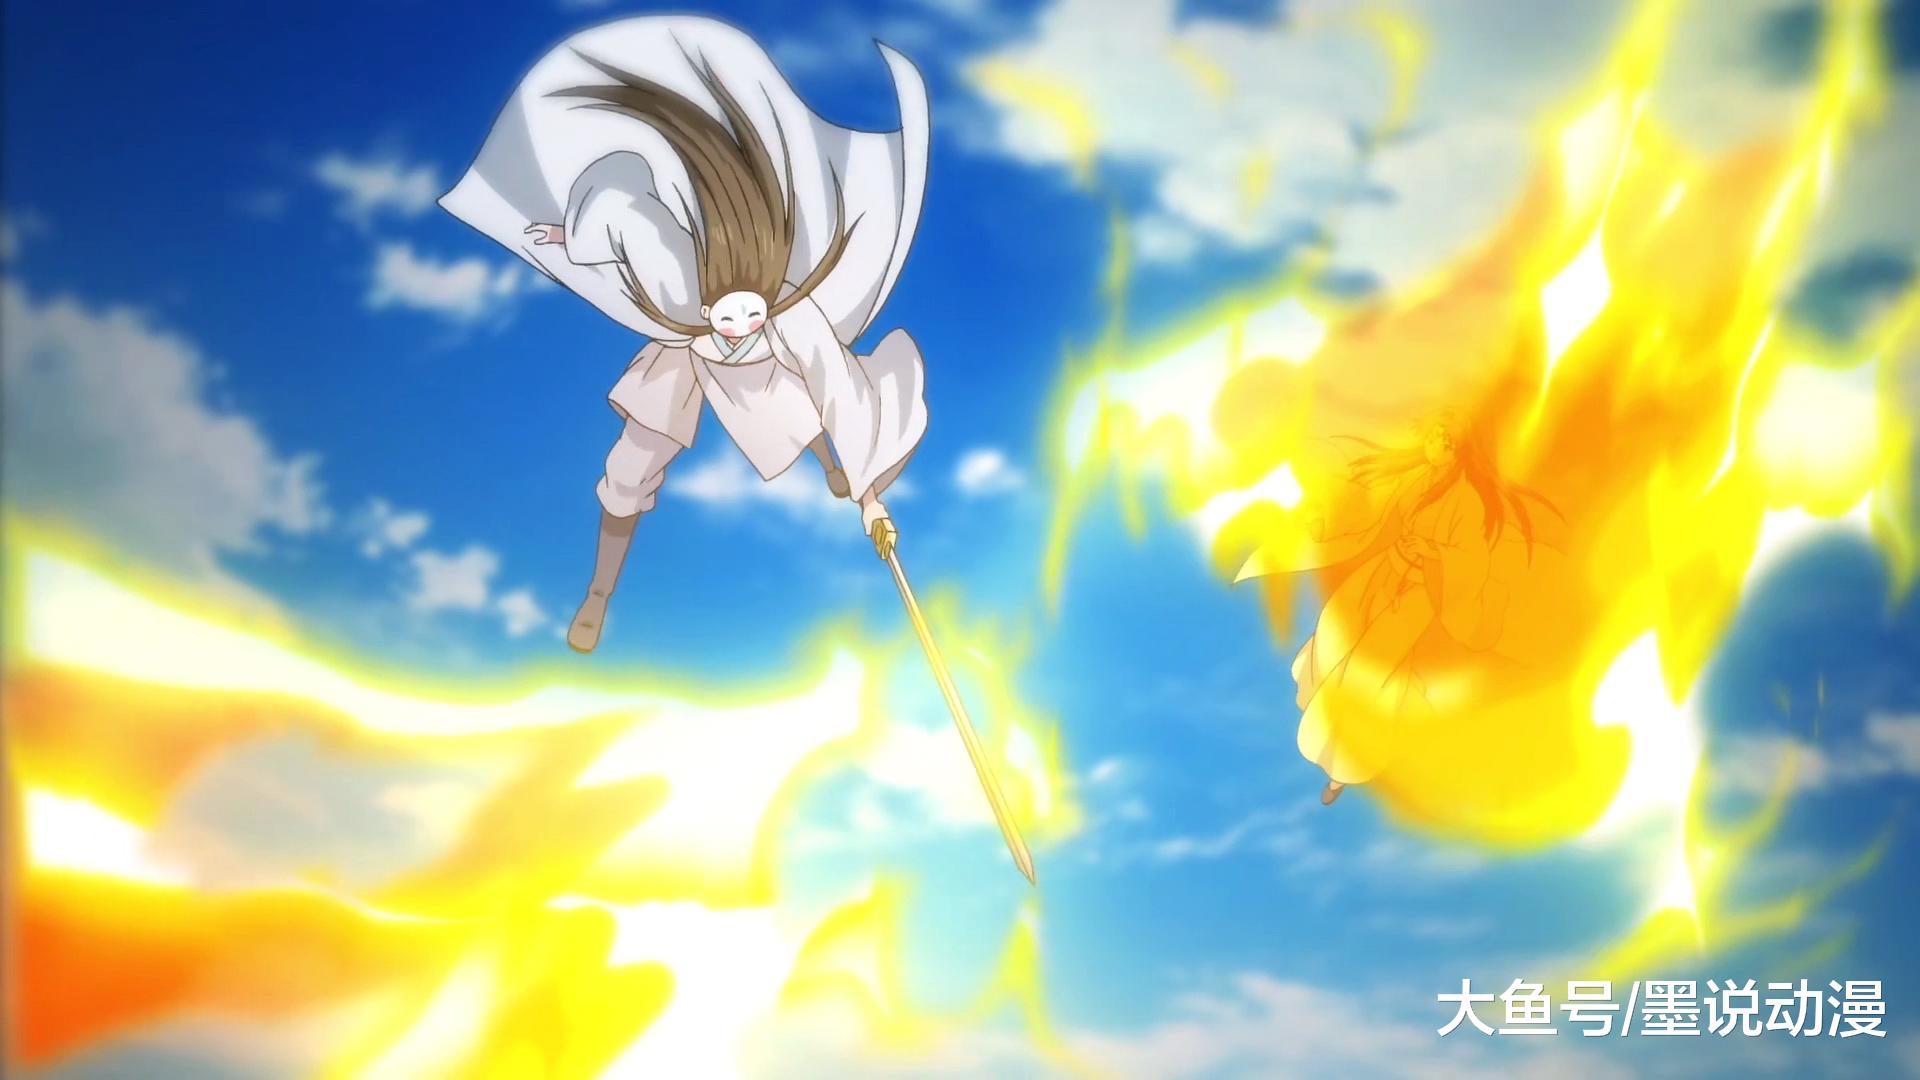 狐妖小红娘:出有王权剑的王权霸业,敌不外毒皇欢皆擎天